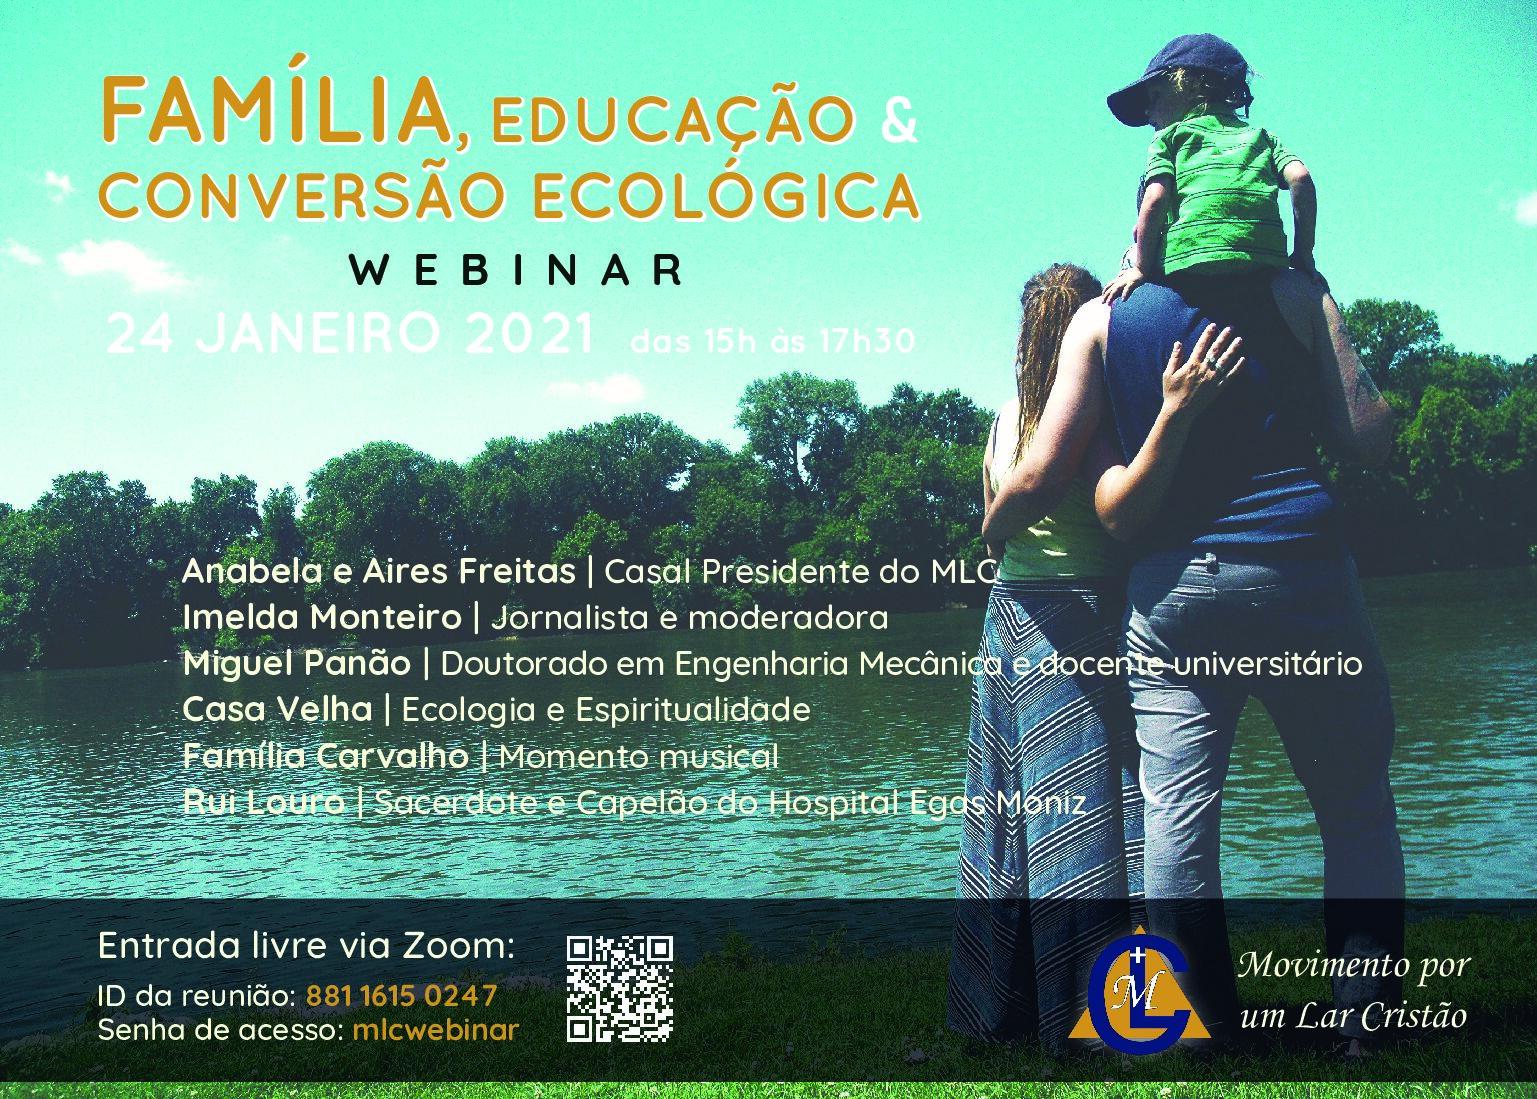 Família, Educação & Conversão Ecológica